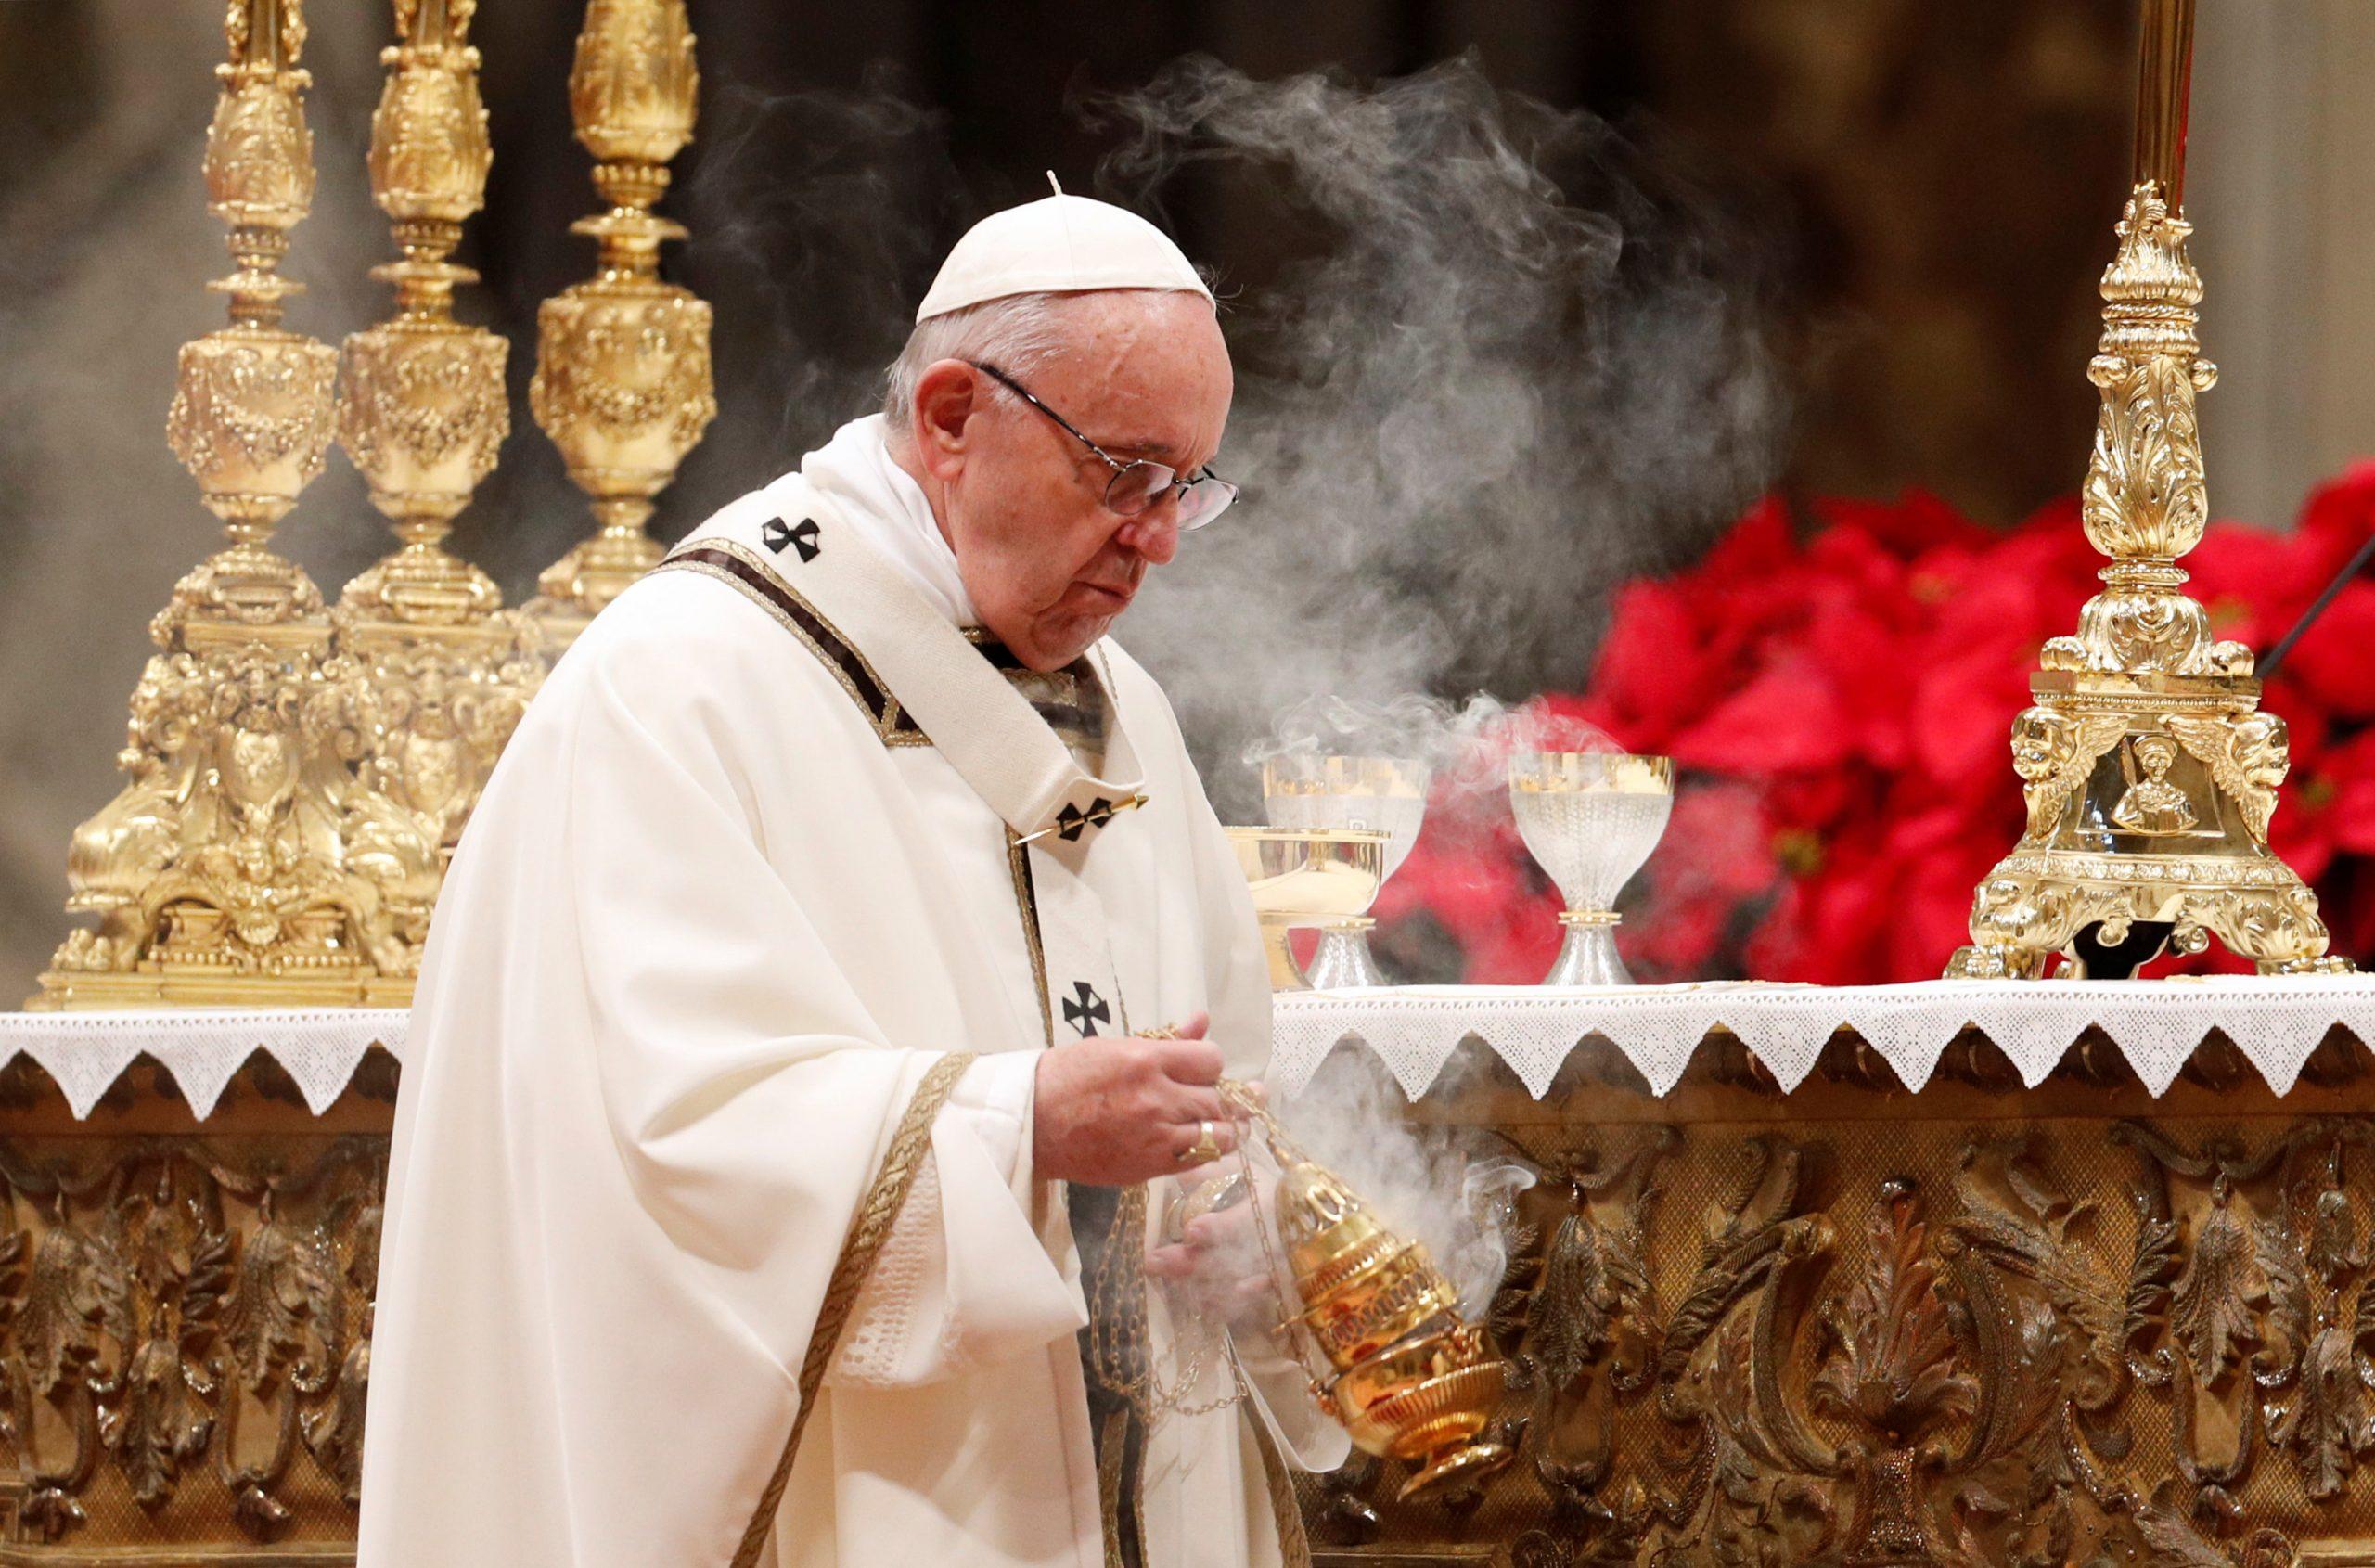 البابا فرنسيس يقول شركات التكنولوجيا مسؤولة عن سلامة الأطفال